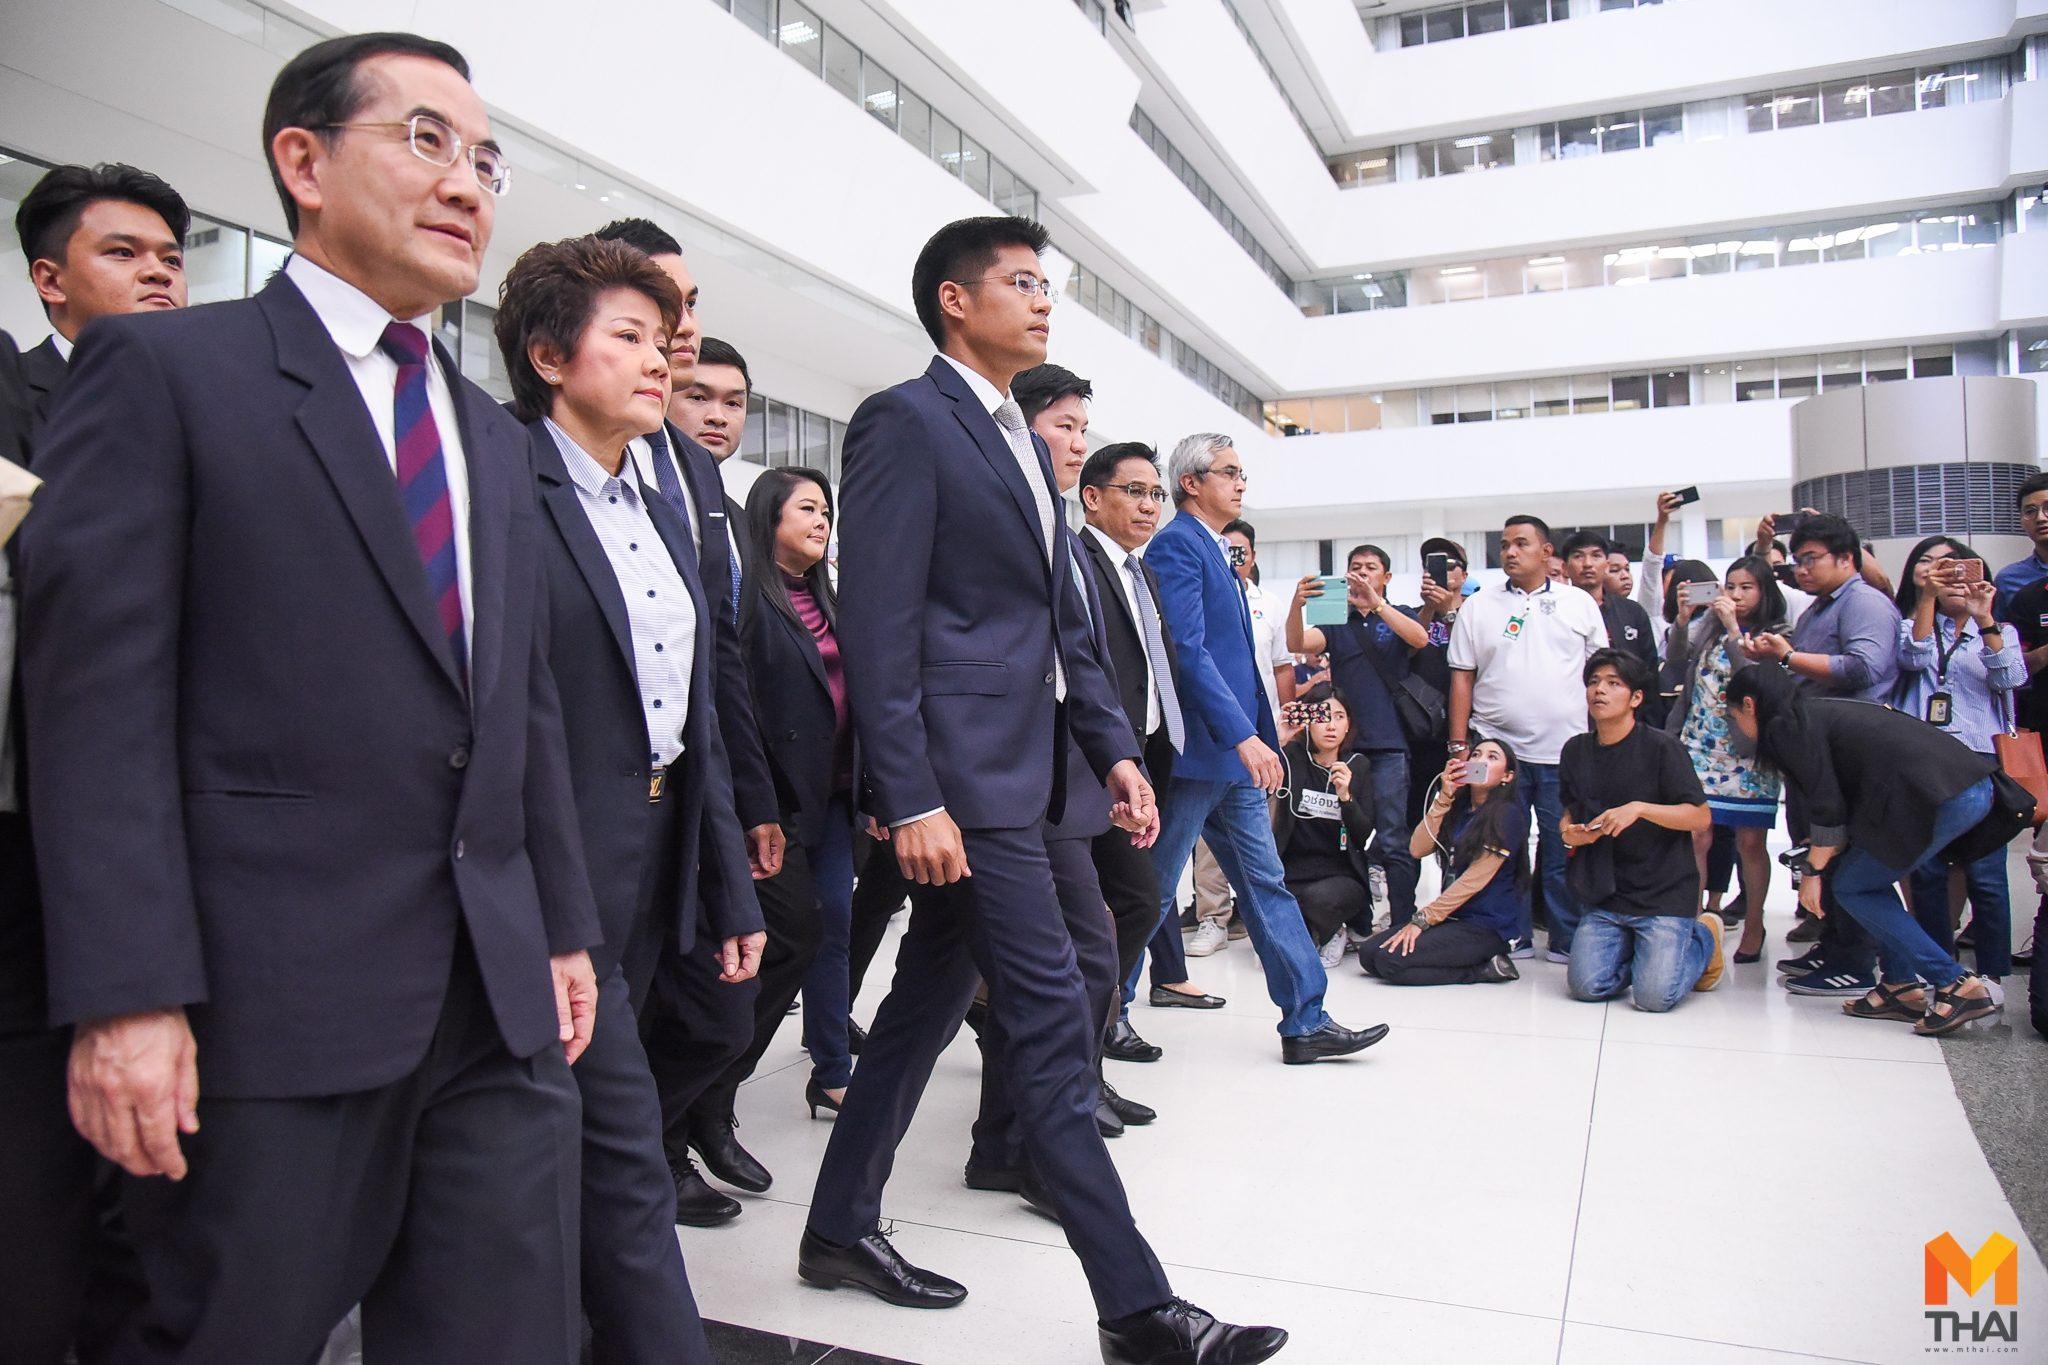 รมว.คลังชี้ยุบ 'พรรคไทยรักษาชาติ' ไม่กระทบเศรษฐกิจ